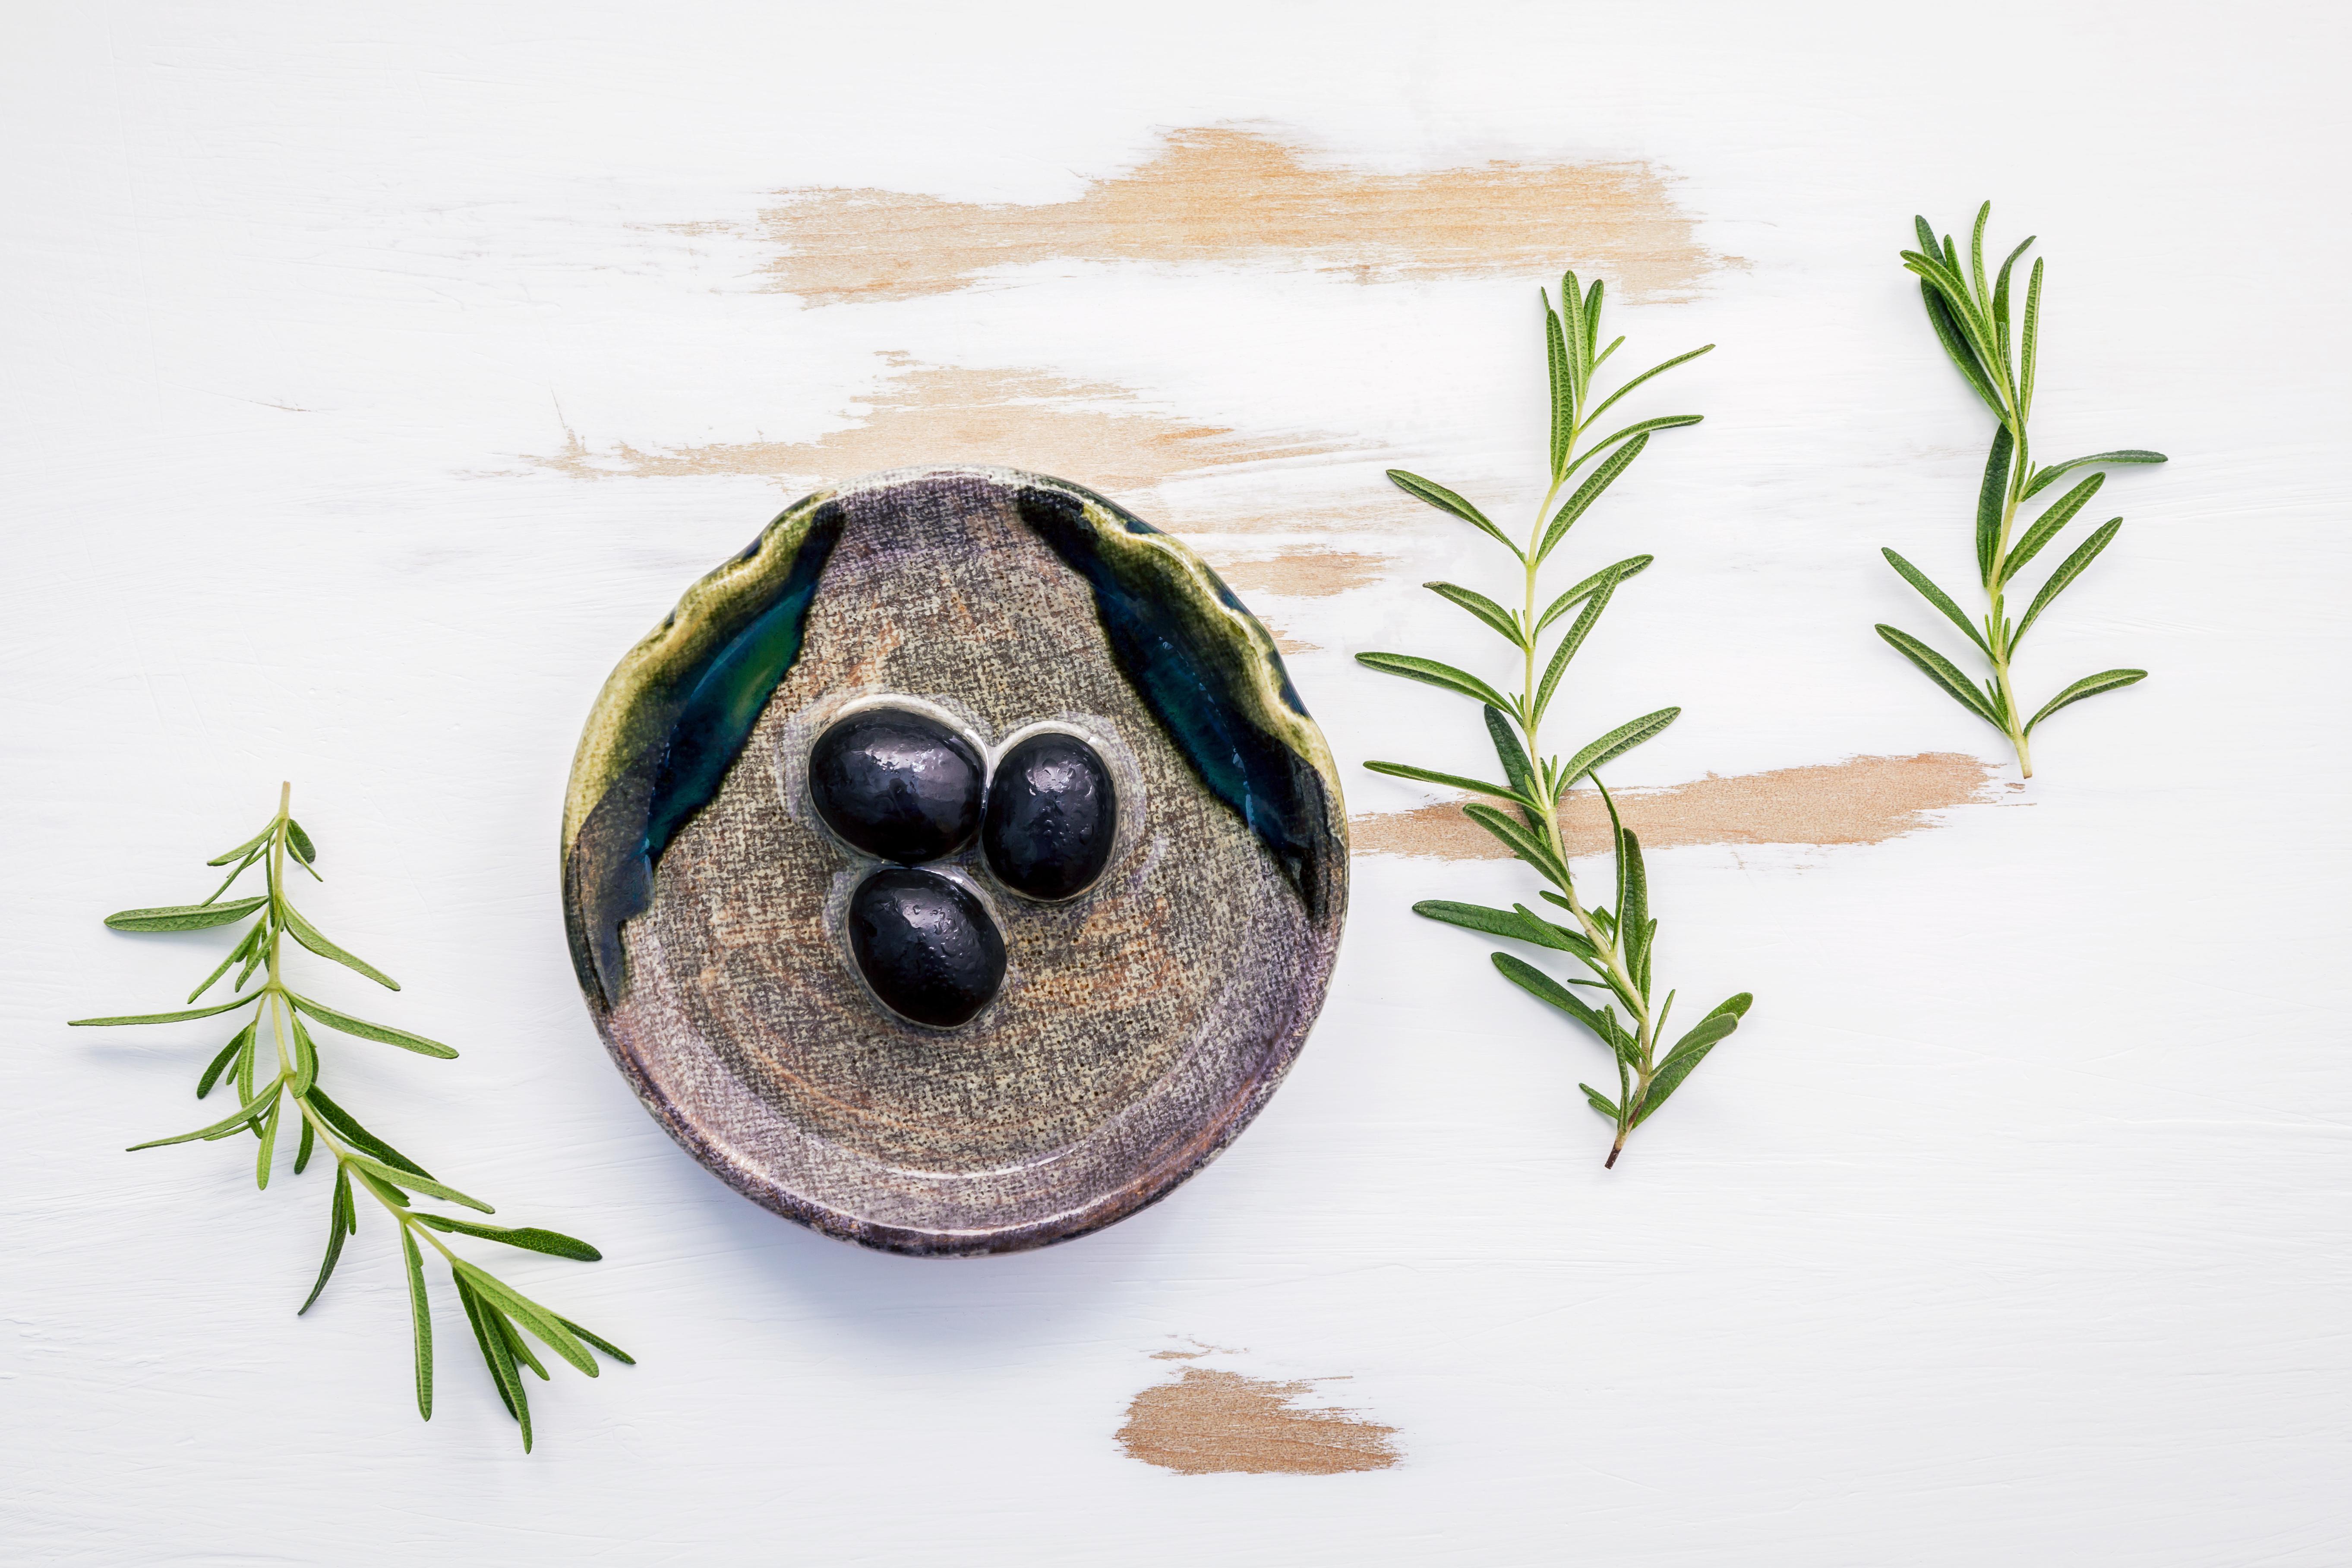 La levure rouge de riz et l'extrait d'olive contribuent à réduire le risque de maladie cardio-vasculaire